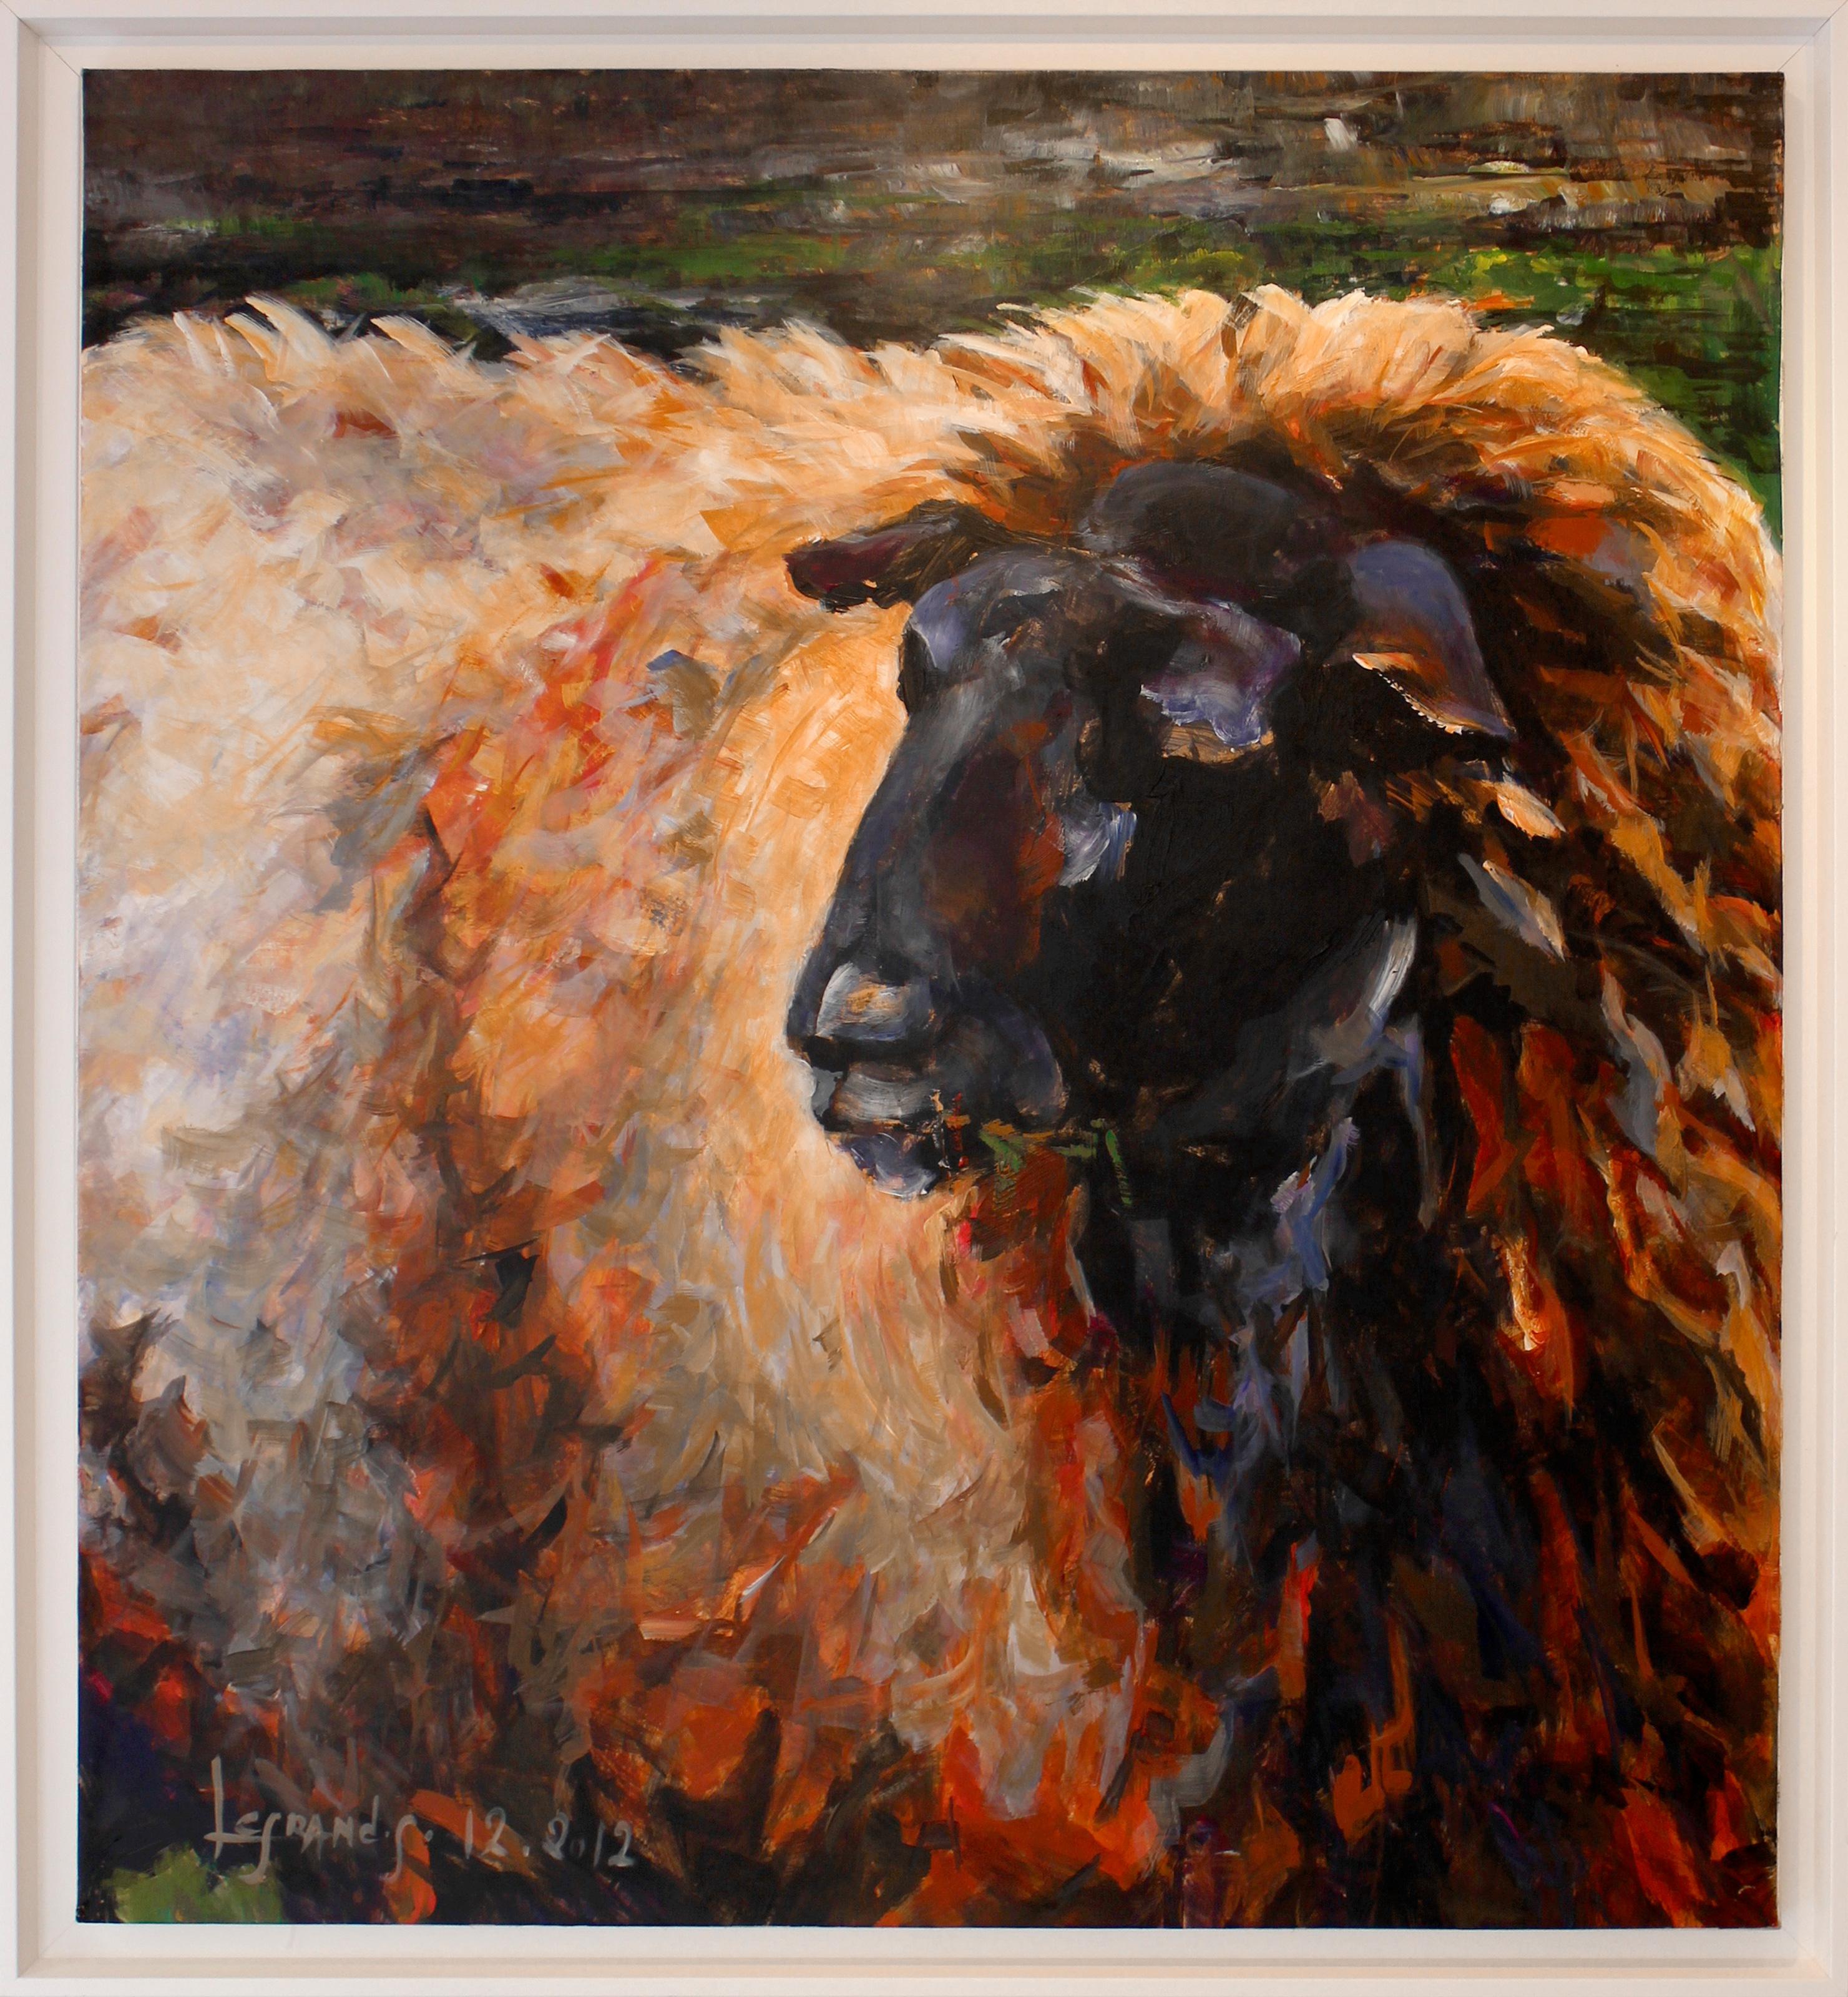 La gueule noire - le mouton